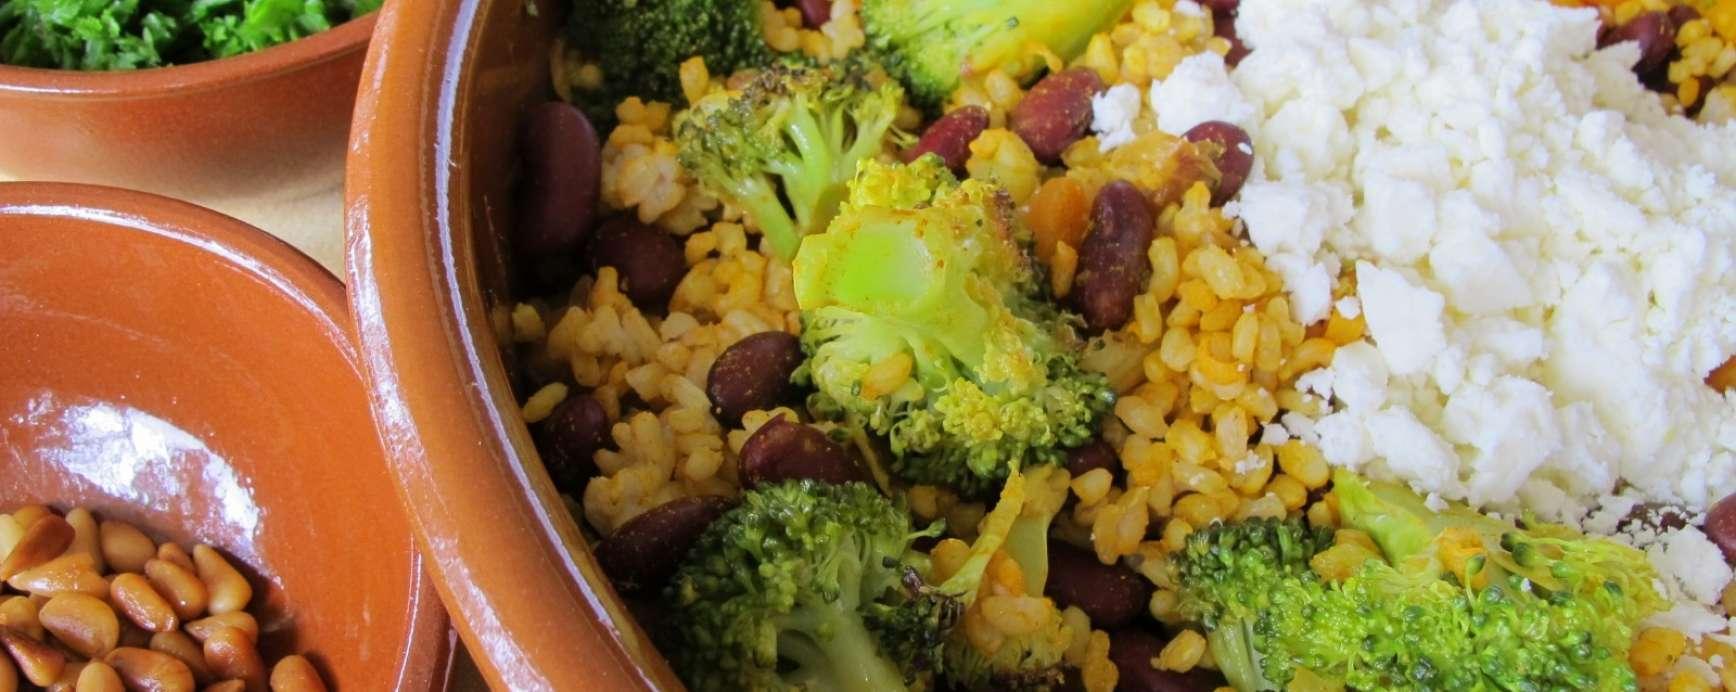 La bombe de protéines végétales